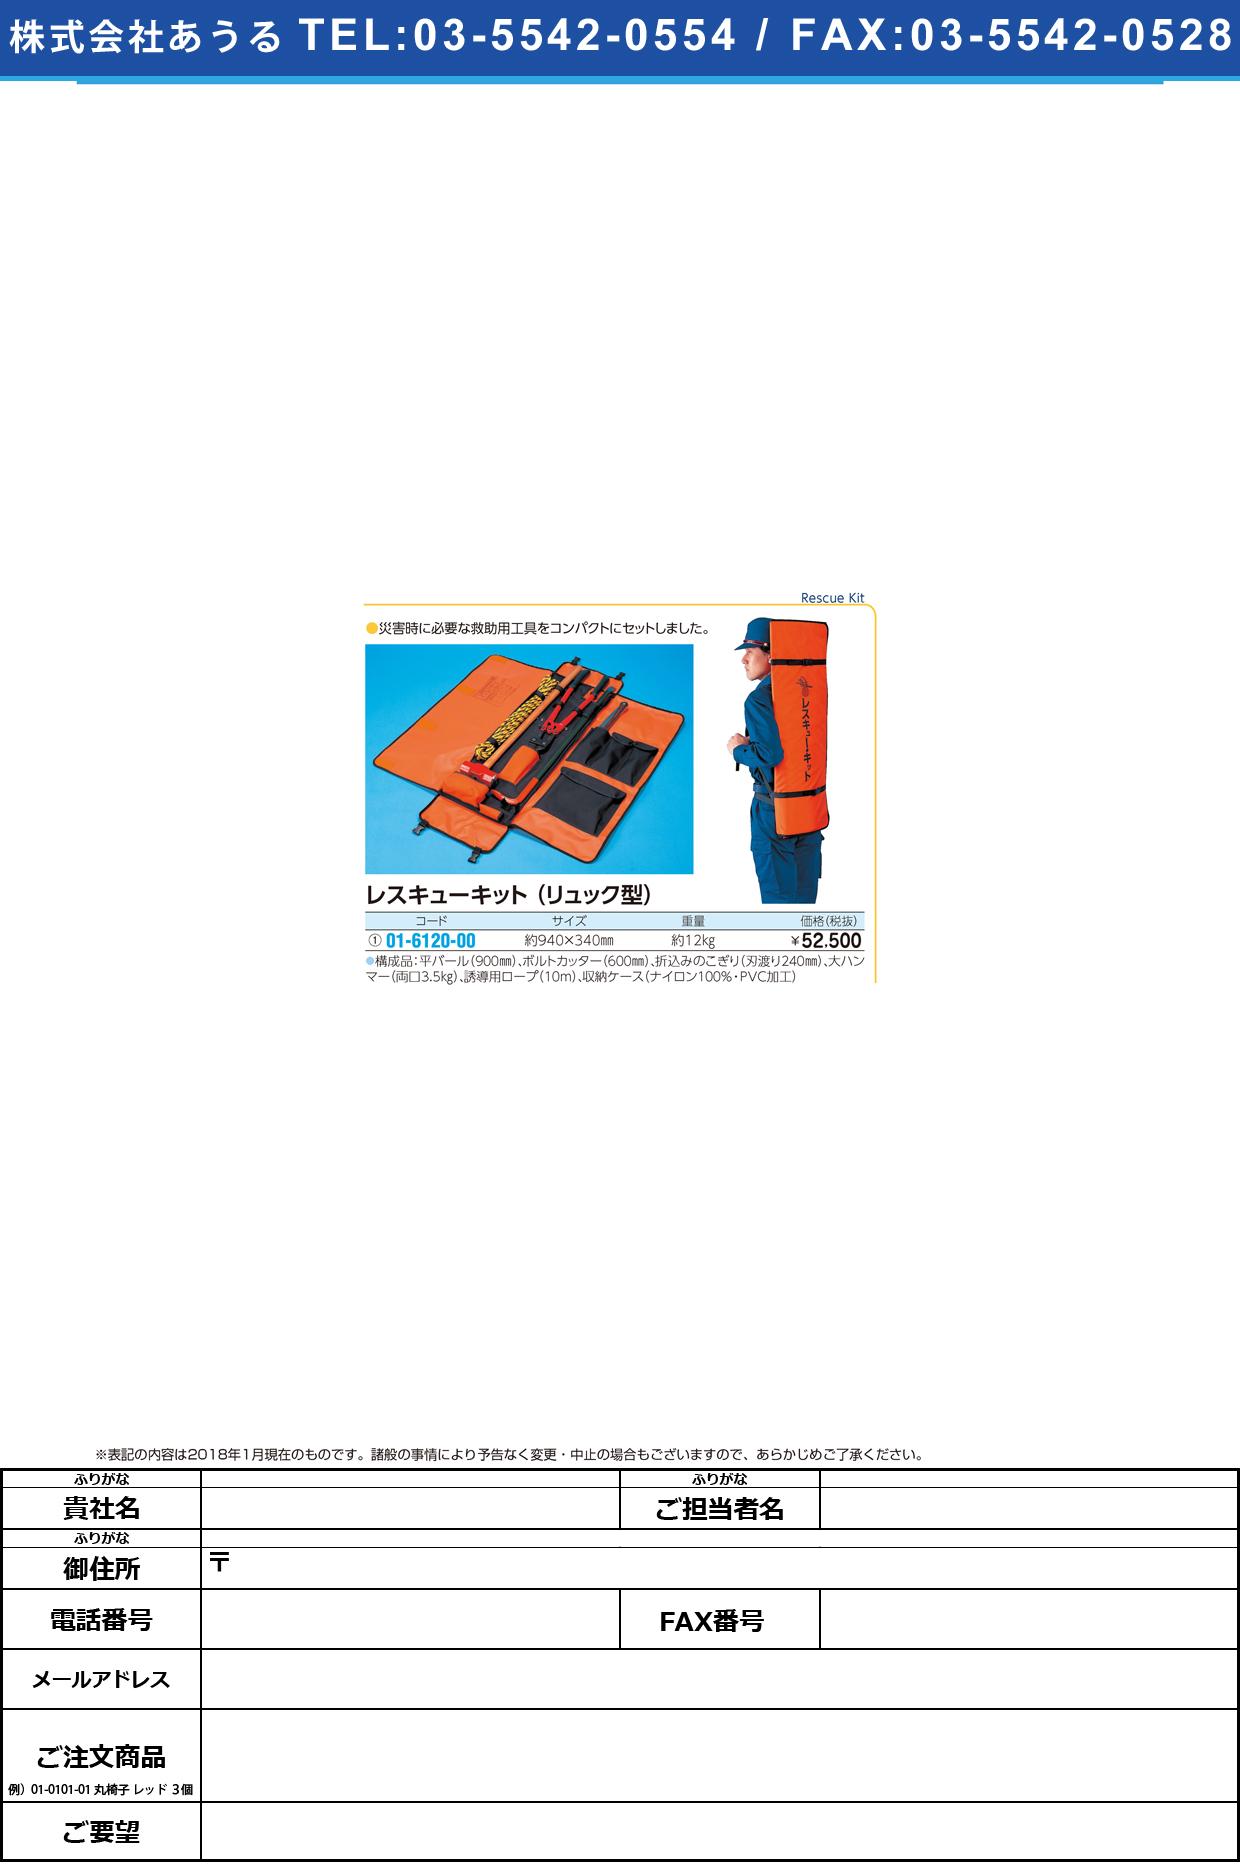 (01-6120-00)レスキューキット(リュック型) 6950 レスキューセットリュックガタ【1式単位】【2018年カタログ商品】